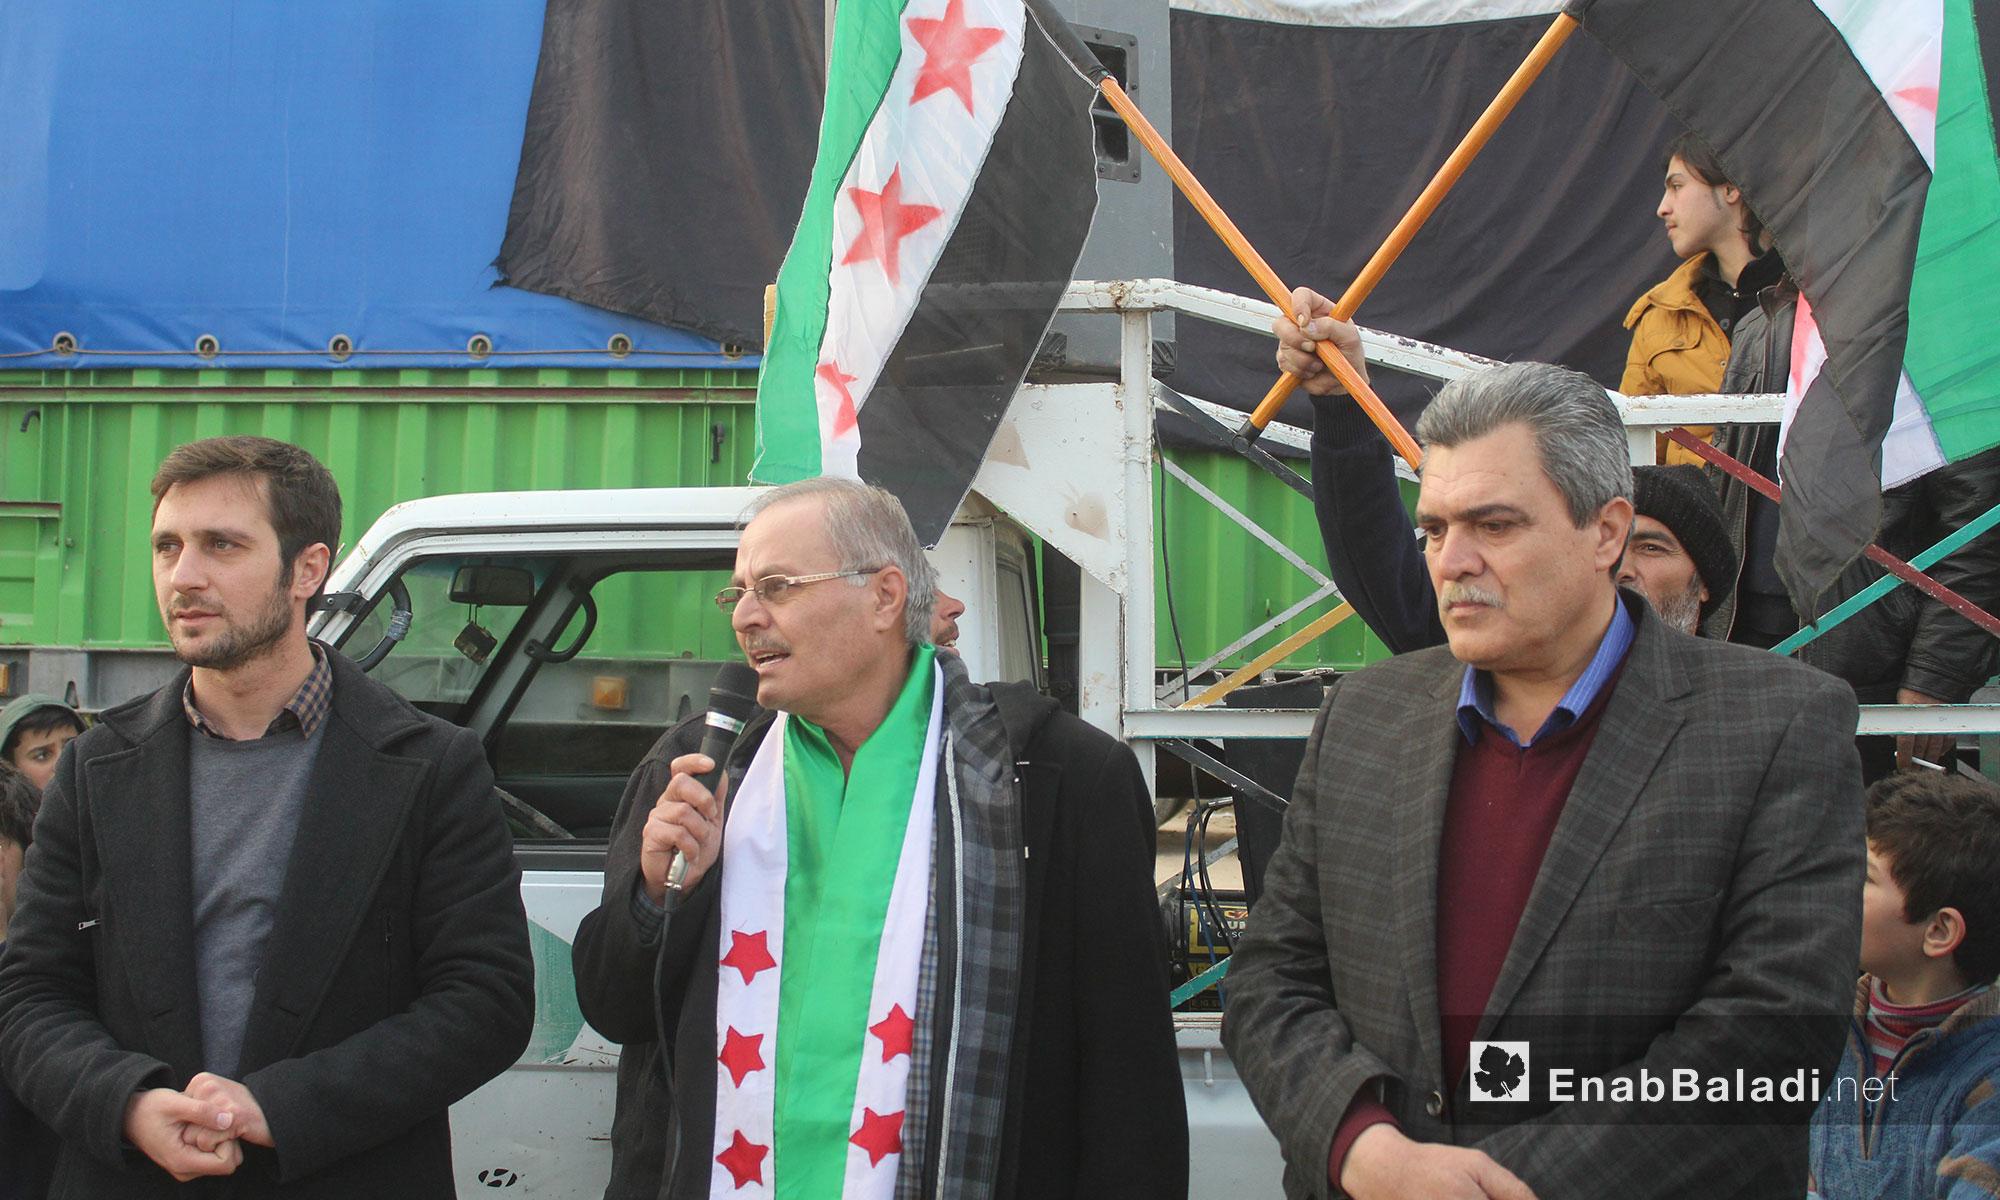 أهالي تل رفعت يتظاهرون احتجاجًا على أنباء تفيد بتسليم تل رفعت للنظام - 11 شباط 2017